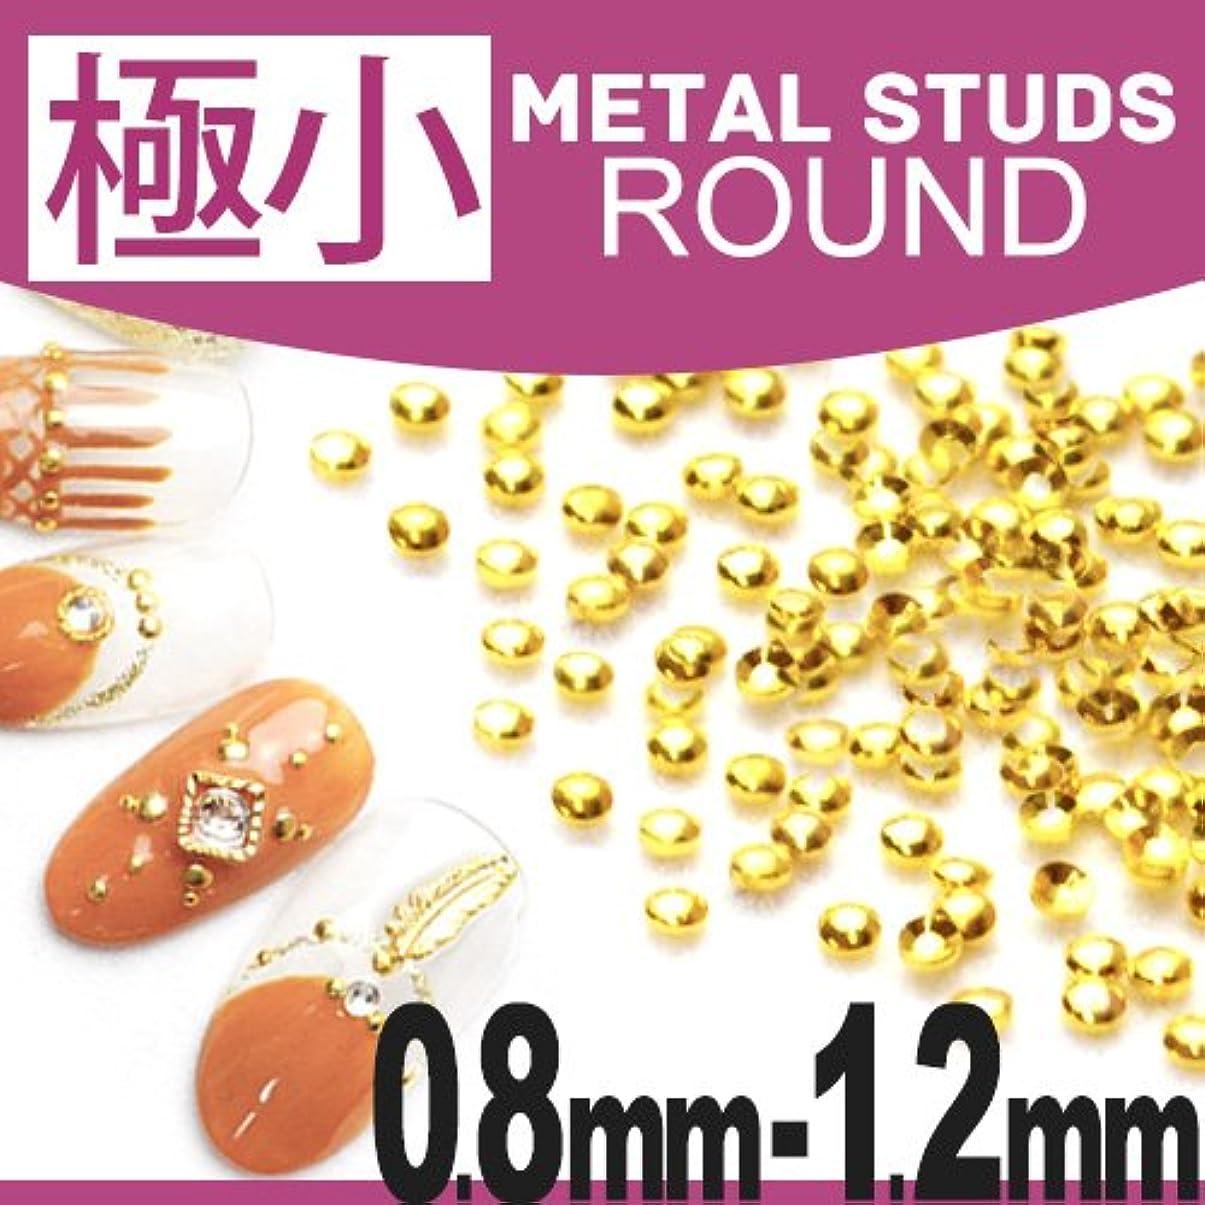 たらいみなさんラウズ極小ラウンドメタルスタッズ 1.2mm[シルバー] メタルパーツ ジェルネイル